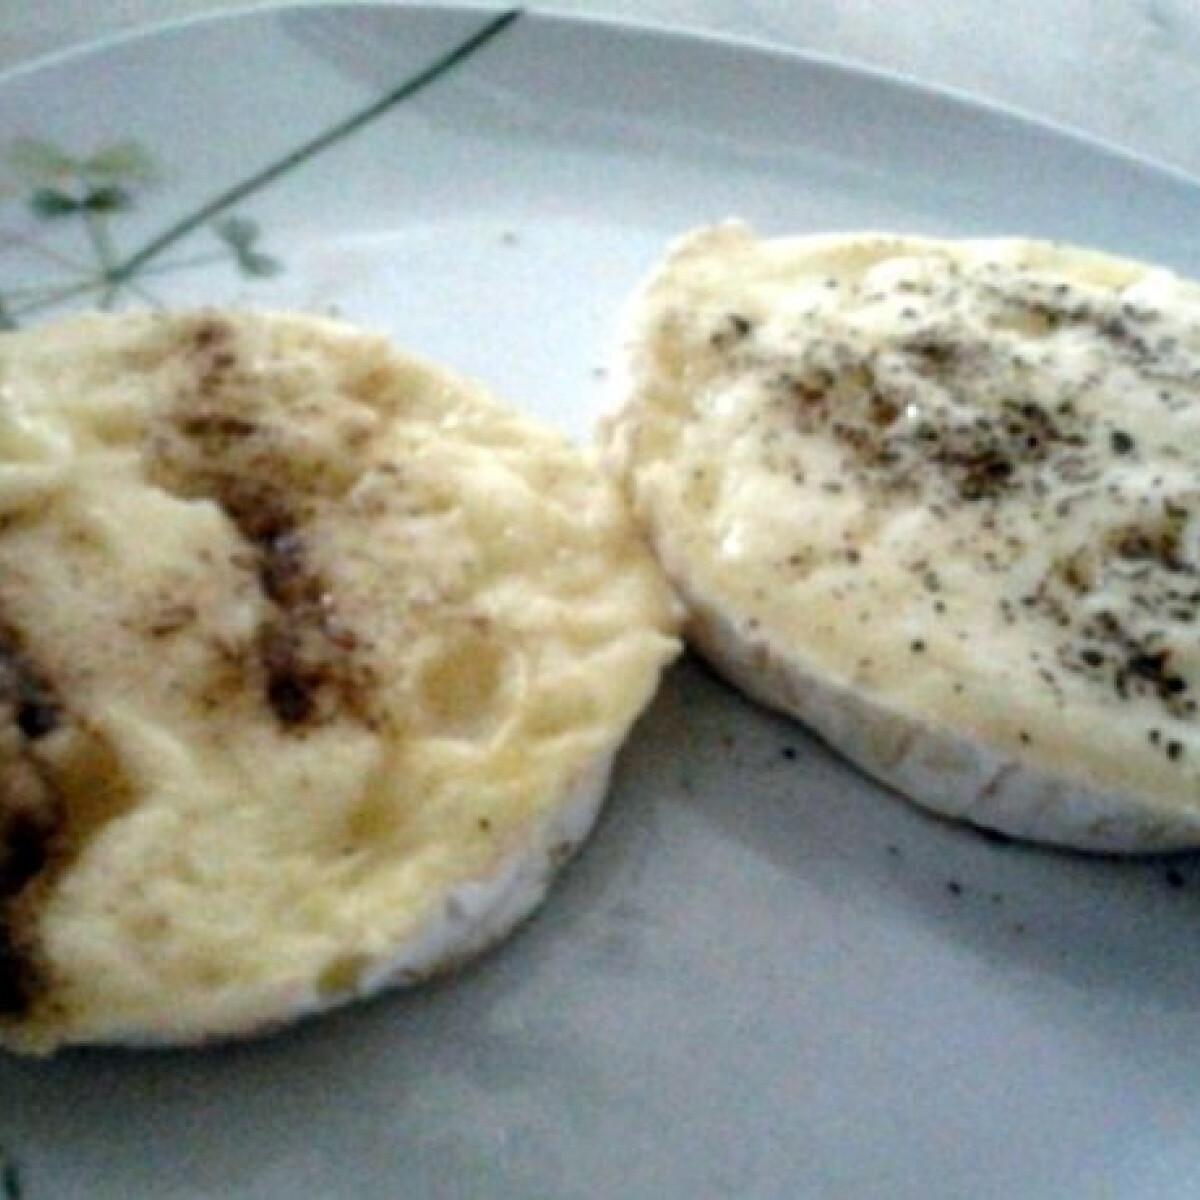 Ezen a képen: Camembert mikrohullámú sütőben sütve